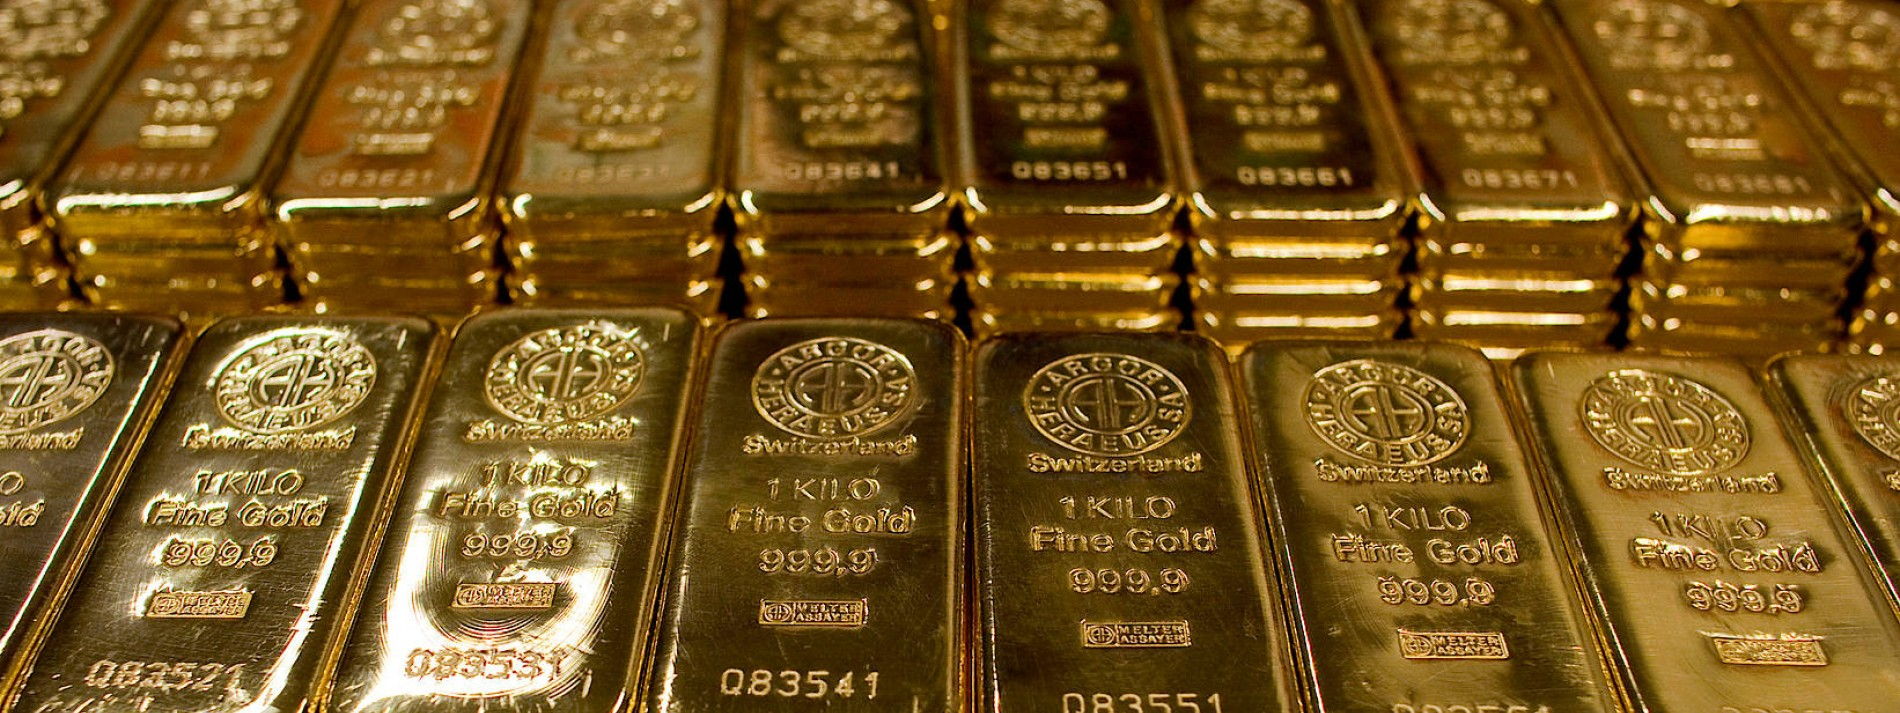 Deutschland ist Vizeweltmeister im Goldkaufen